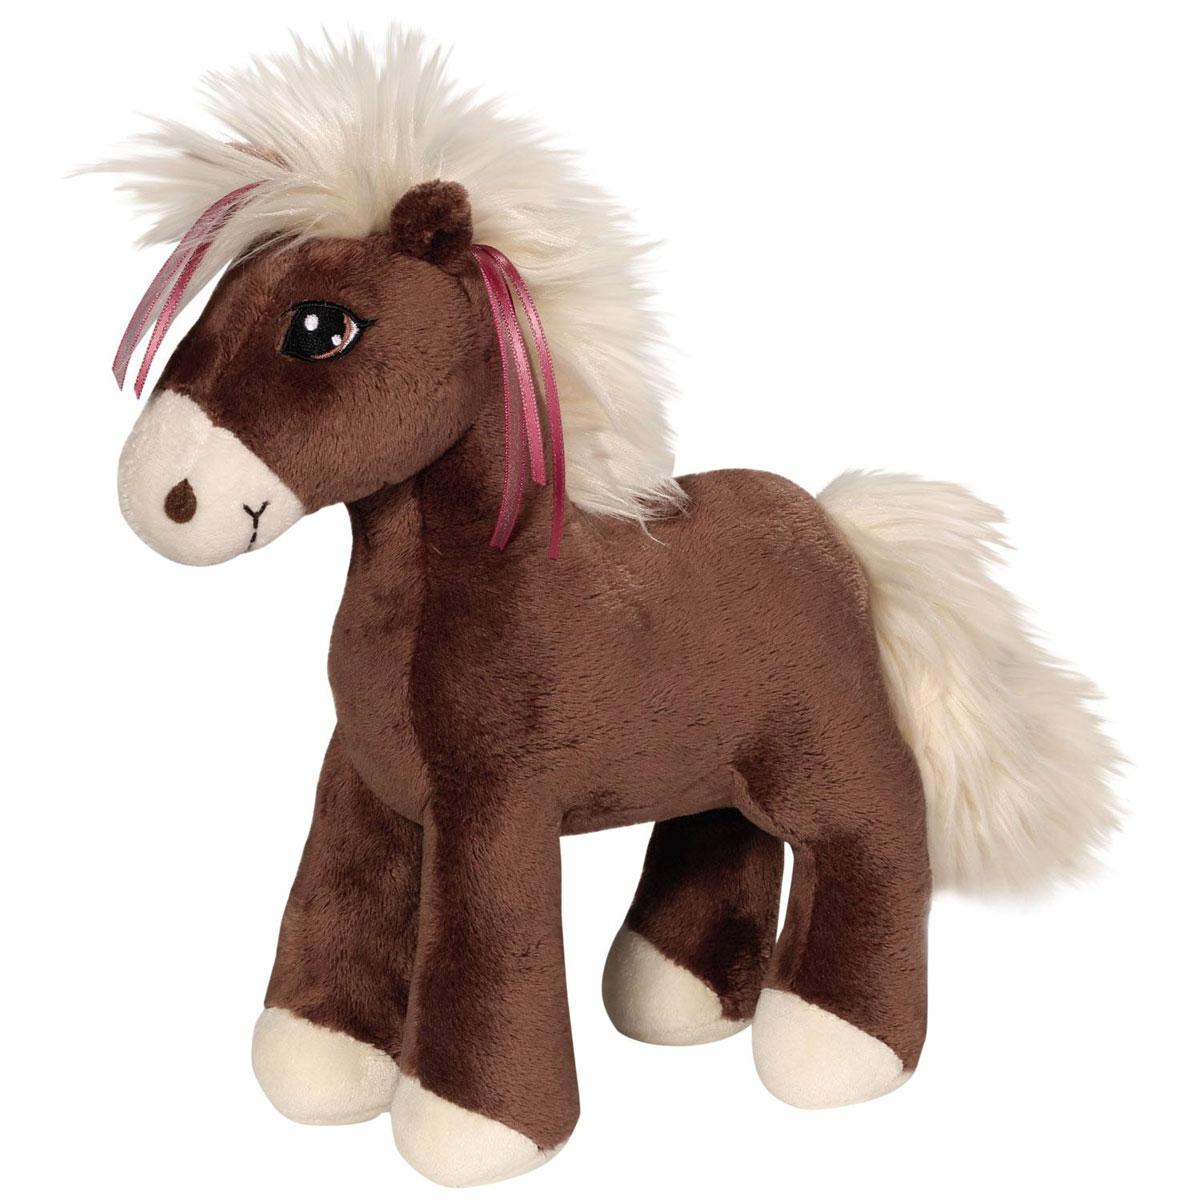 Nici Мягкая игрушка Лошадка Вельветс лентами цвет коричневый 24 см37848Очаровательная мягкая игрушка Nici Лошадка Вельвет выполнена в виде симпатичной плюшевой лошадки. Игрушка изготовлена из высококачественного текстильного материала коричневого цвета. Игрушка невероятно мягкая и приятная на ощупь, вам не захочется выпускать ее из рук. Глазки лошадки вышиты, а хвостик и грива выполнены из искусственного меха. Удивительно мягкая игрушка принесет радость и подарит своему обладателю мгновения нежных объятий и приятных воспоминаний. Великолепное качество исполнения делают эту игрушку чудесным подарком к любому празднику. Трогательная и симпатичная, она непременно вызовет улыбку у детей и взрослых.